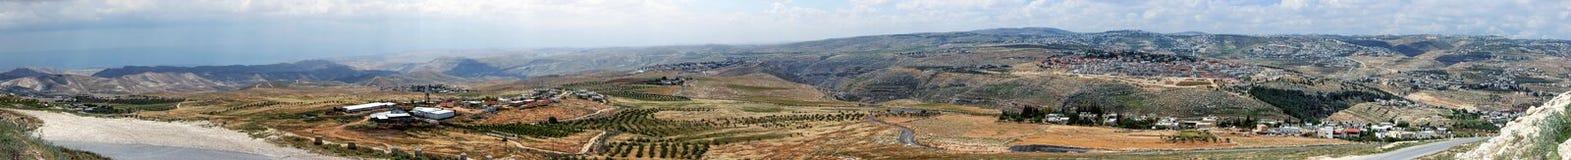 Пустыня Judaean близко к Иерусалиму, Израилю Панорамный взгляд от крепостной стены Herodium Herodion стоковые изображения rf